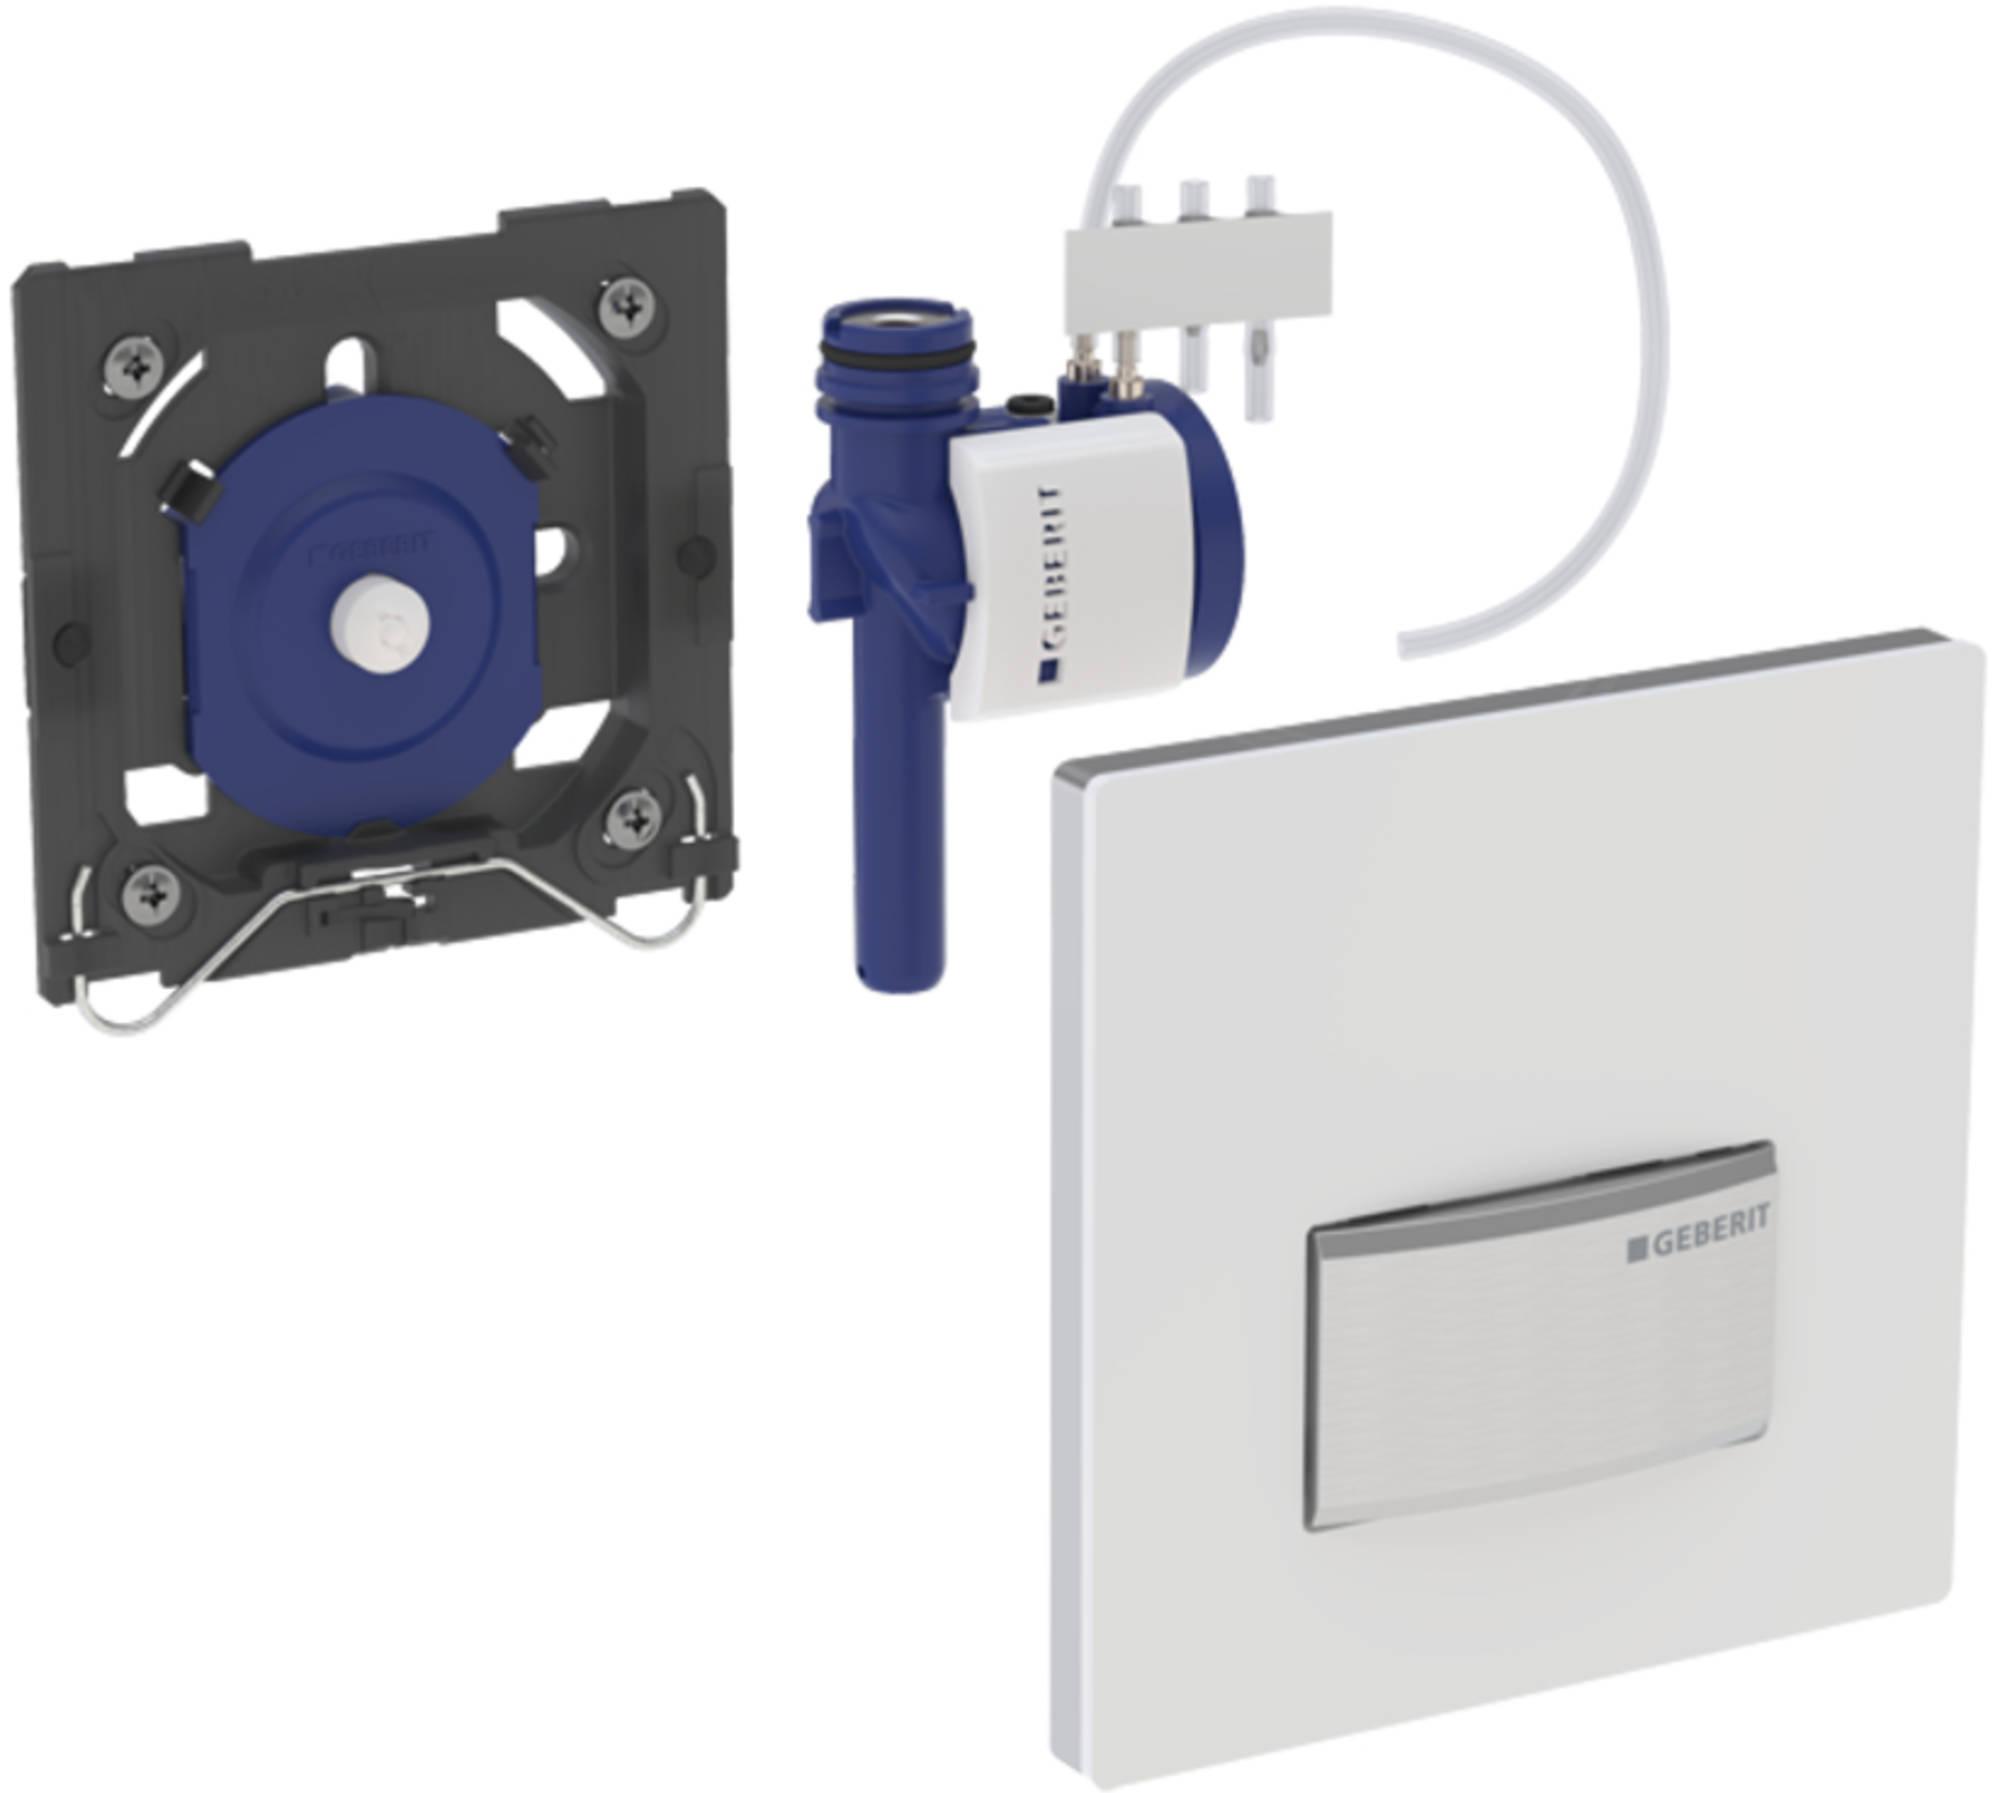 Geberit Sigma50 urinoir bedieningsplaat pneumatisch eigen ontwerp, klantspecifiek